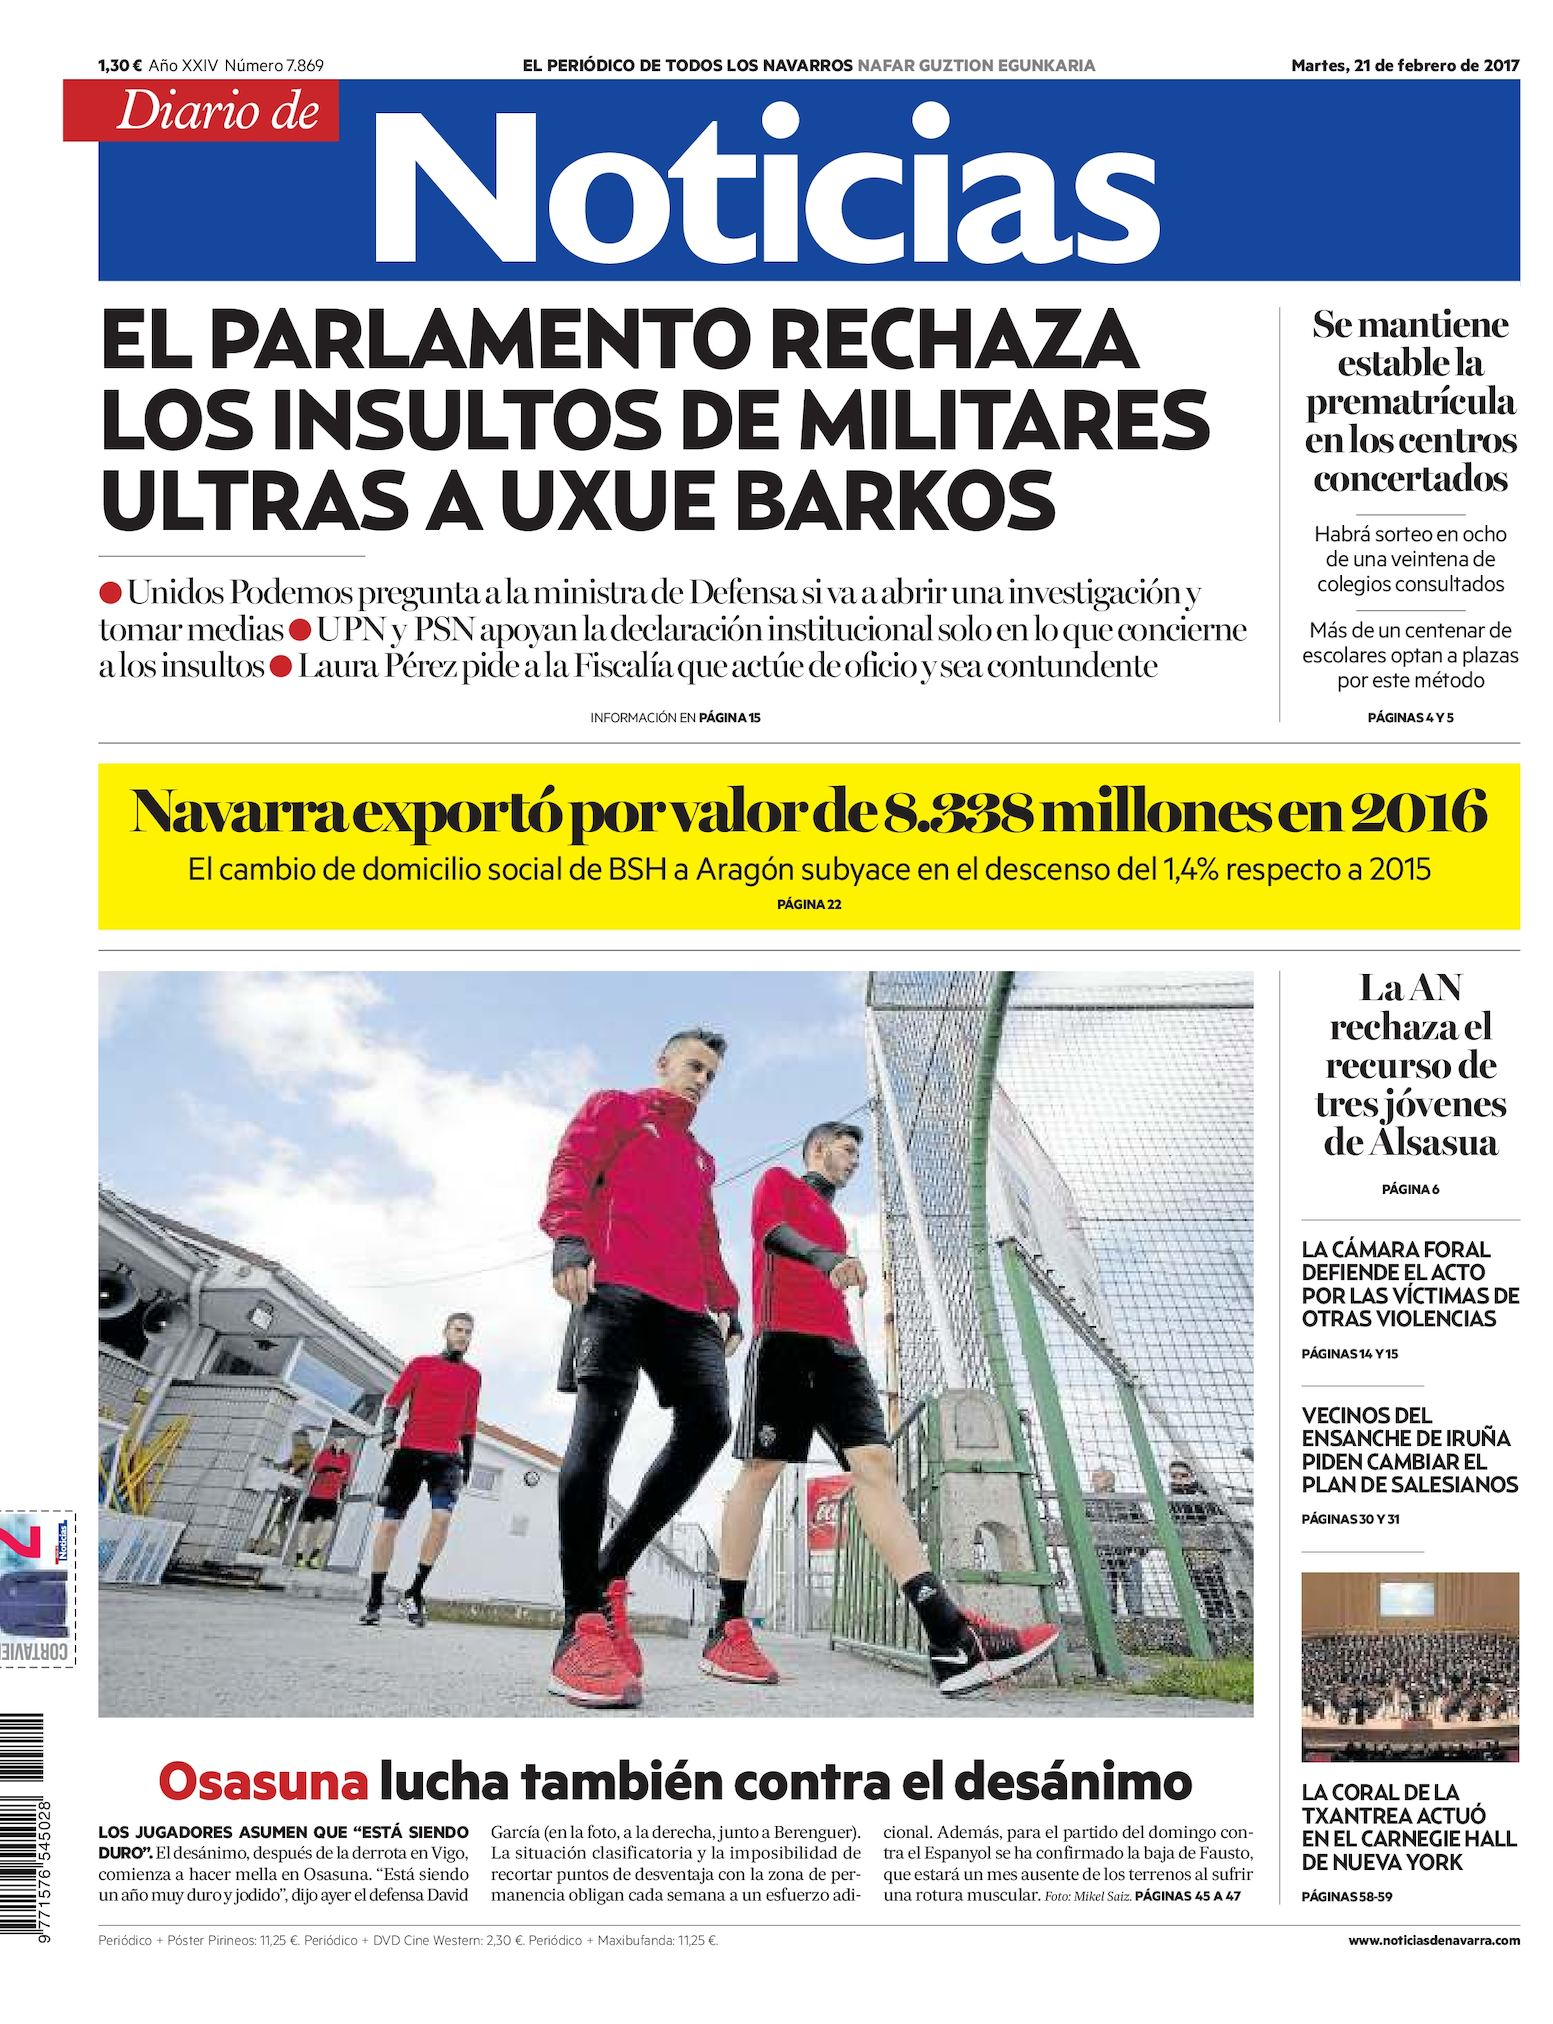 De De Diario Diario Noticias 20170221 Calaméo Calaméo 0P8Onwk